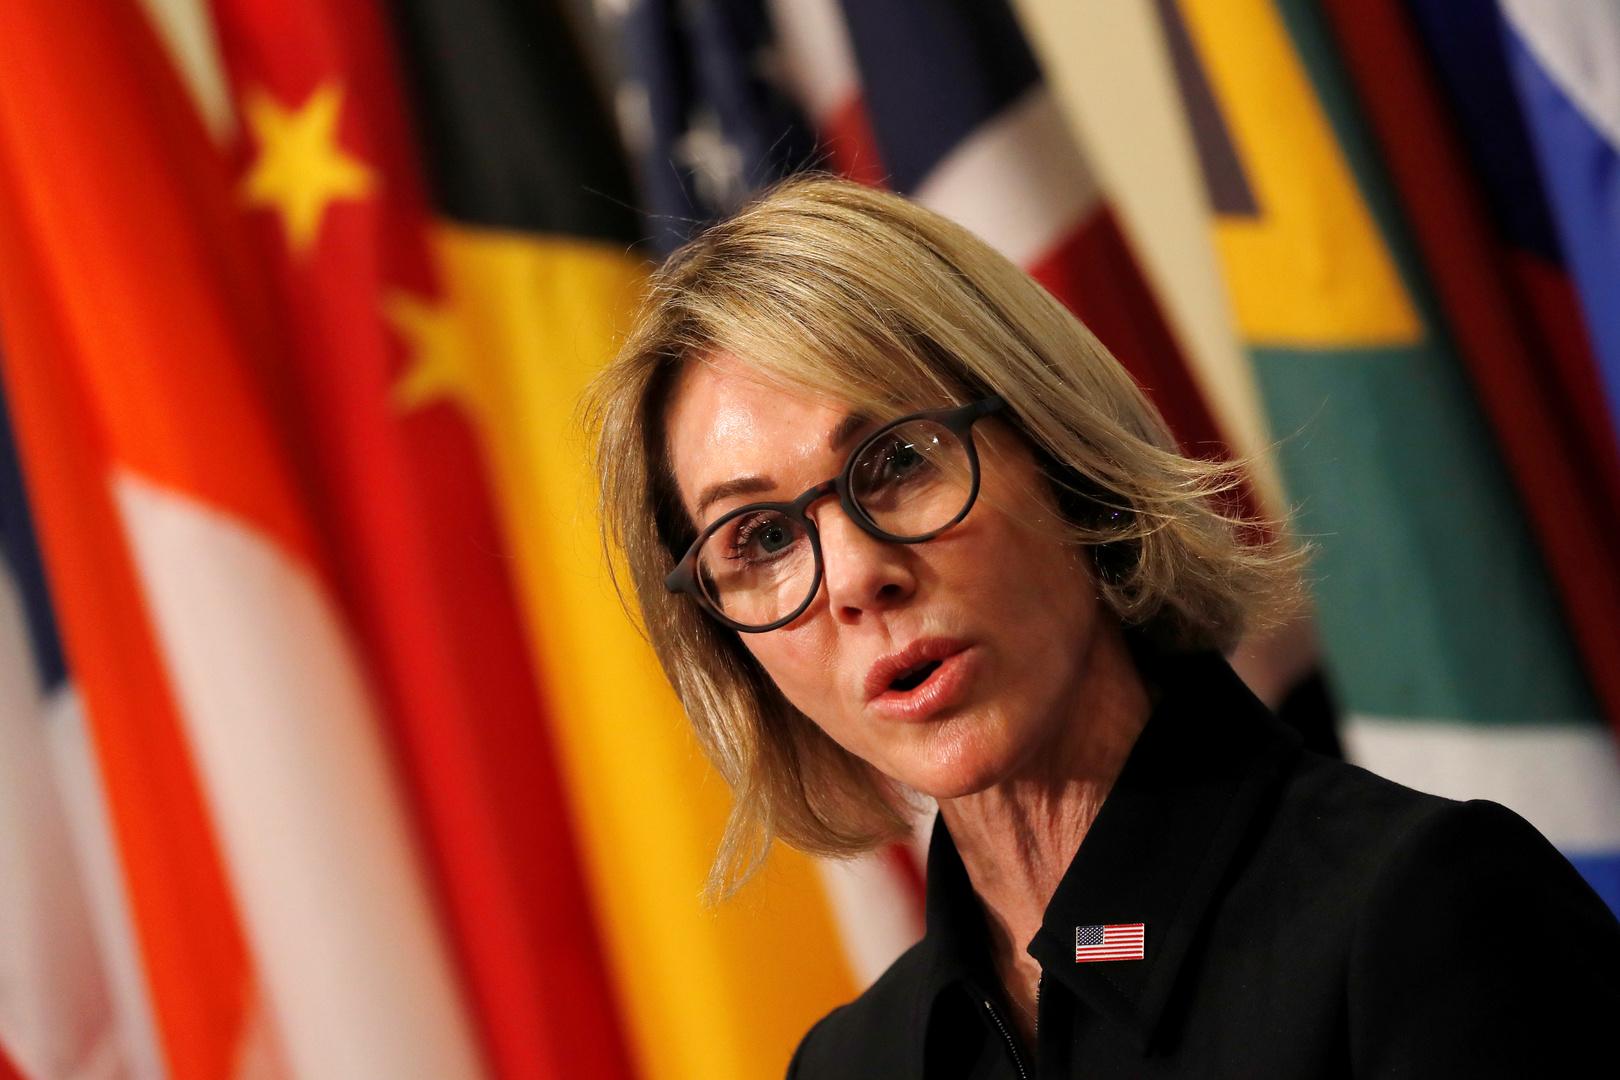 الإدارة الأمريكية: لدينا وسائل أخرى إذا لم تتخلّ إيران عن